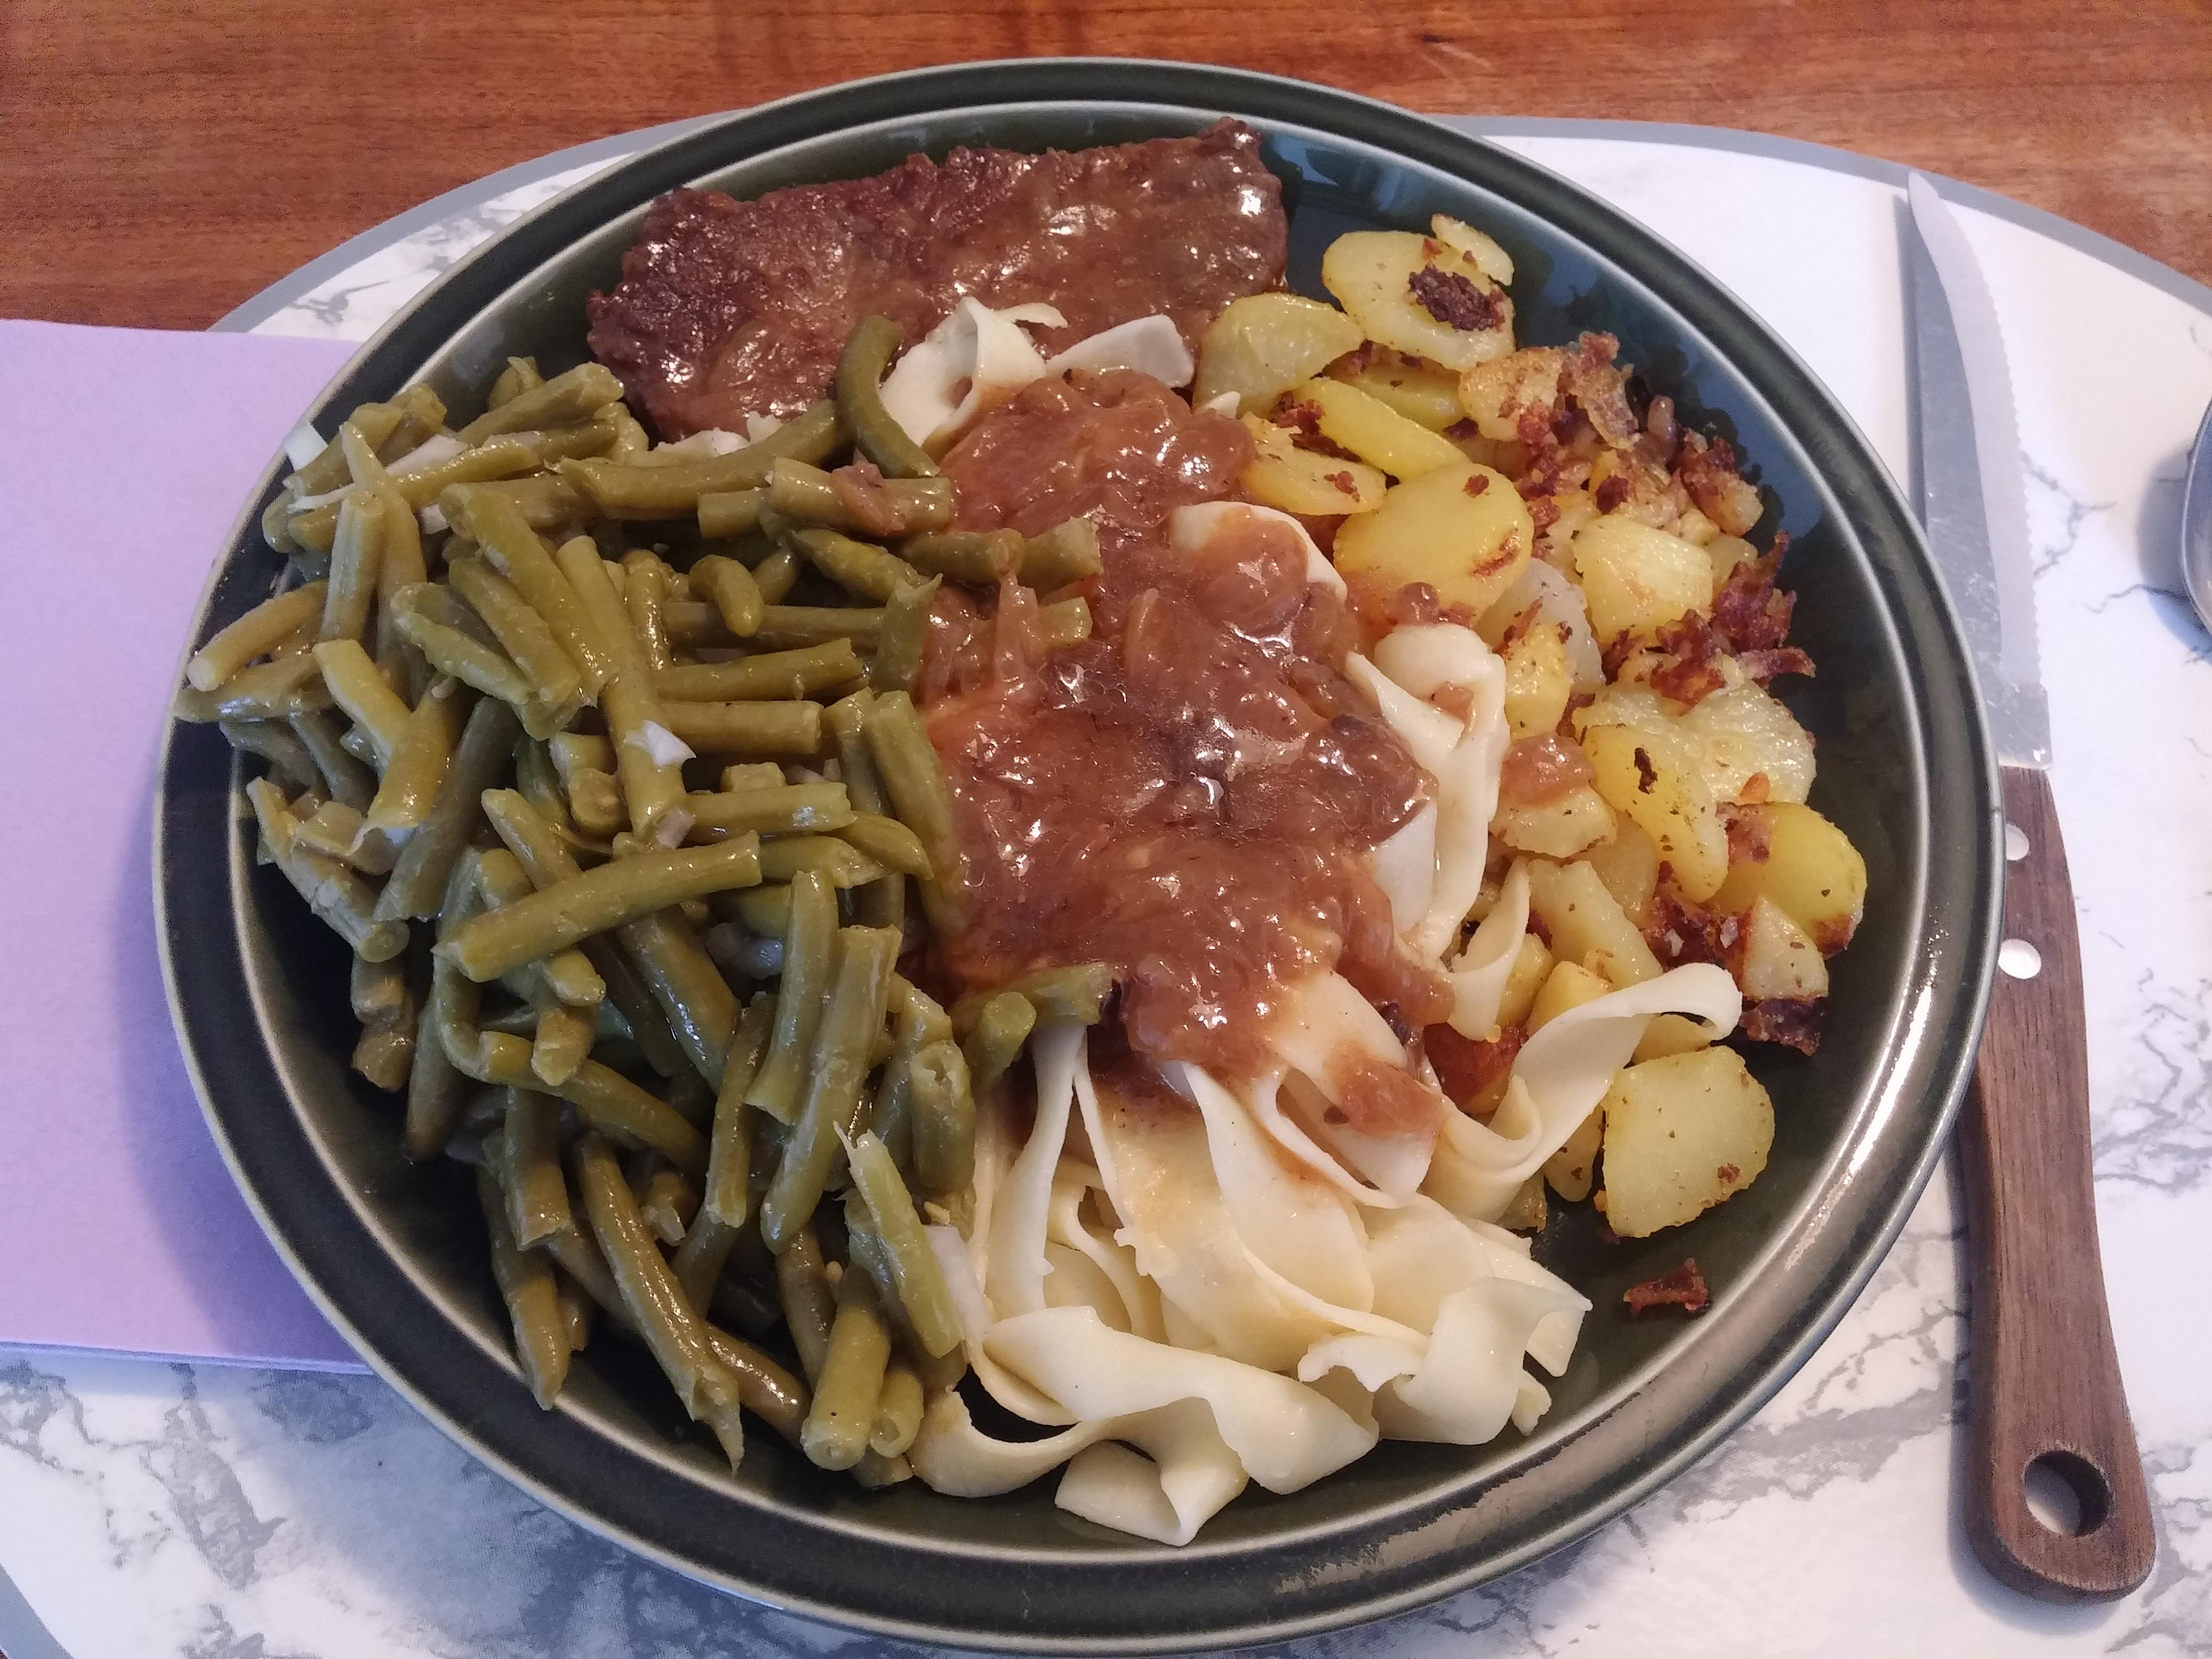 https://foodloader.net/nico_2015-07-15_rostbraten-mit-nudeln-bratkartoffeln-und-bohnensalat.jpg